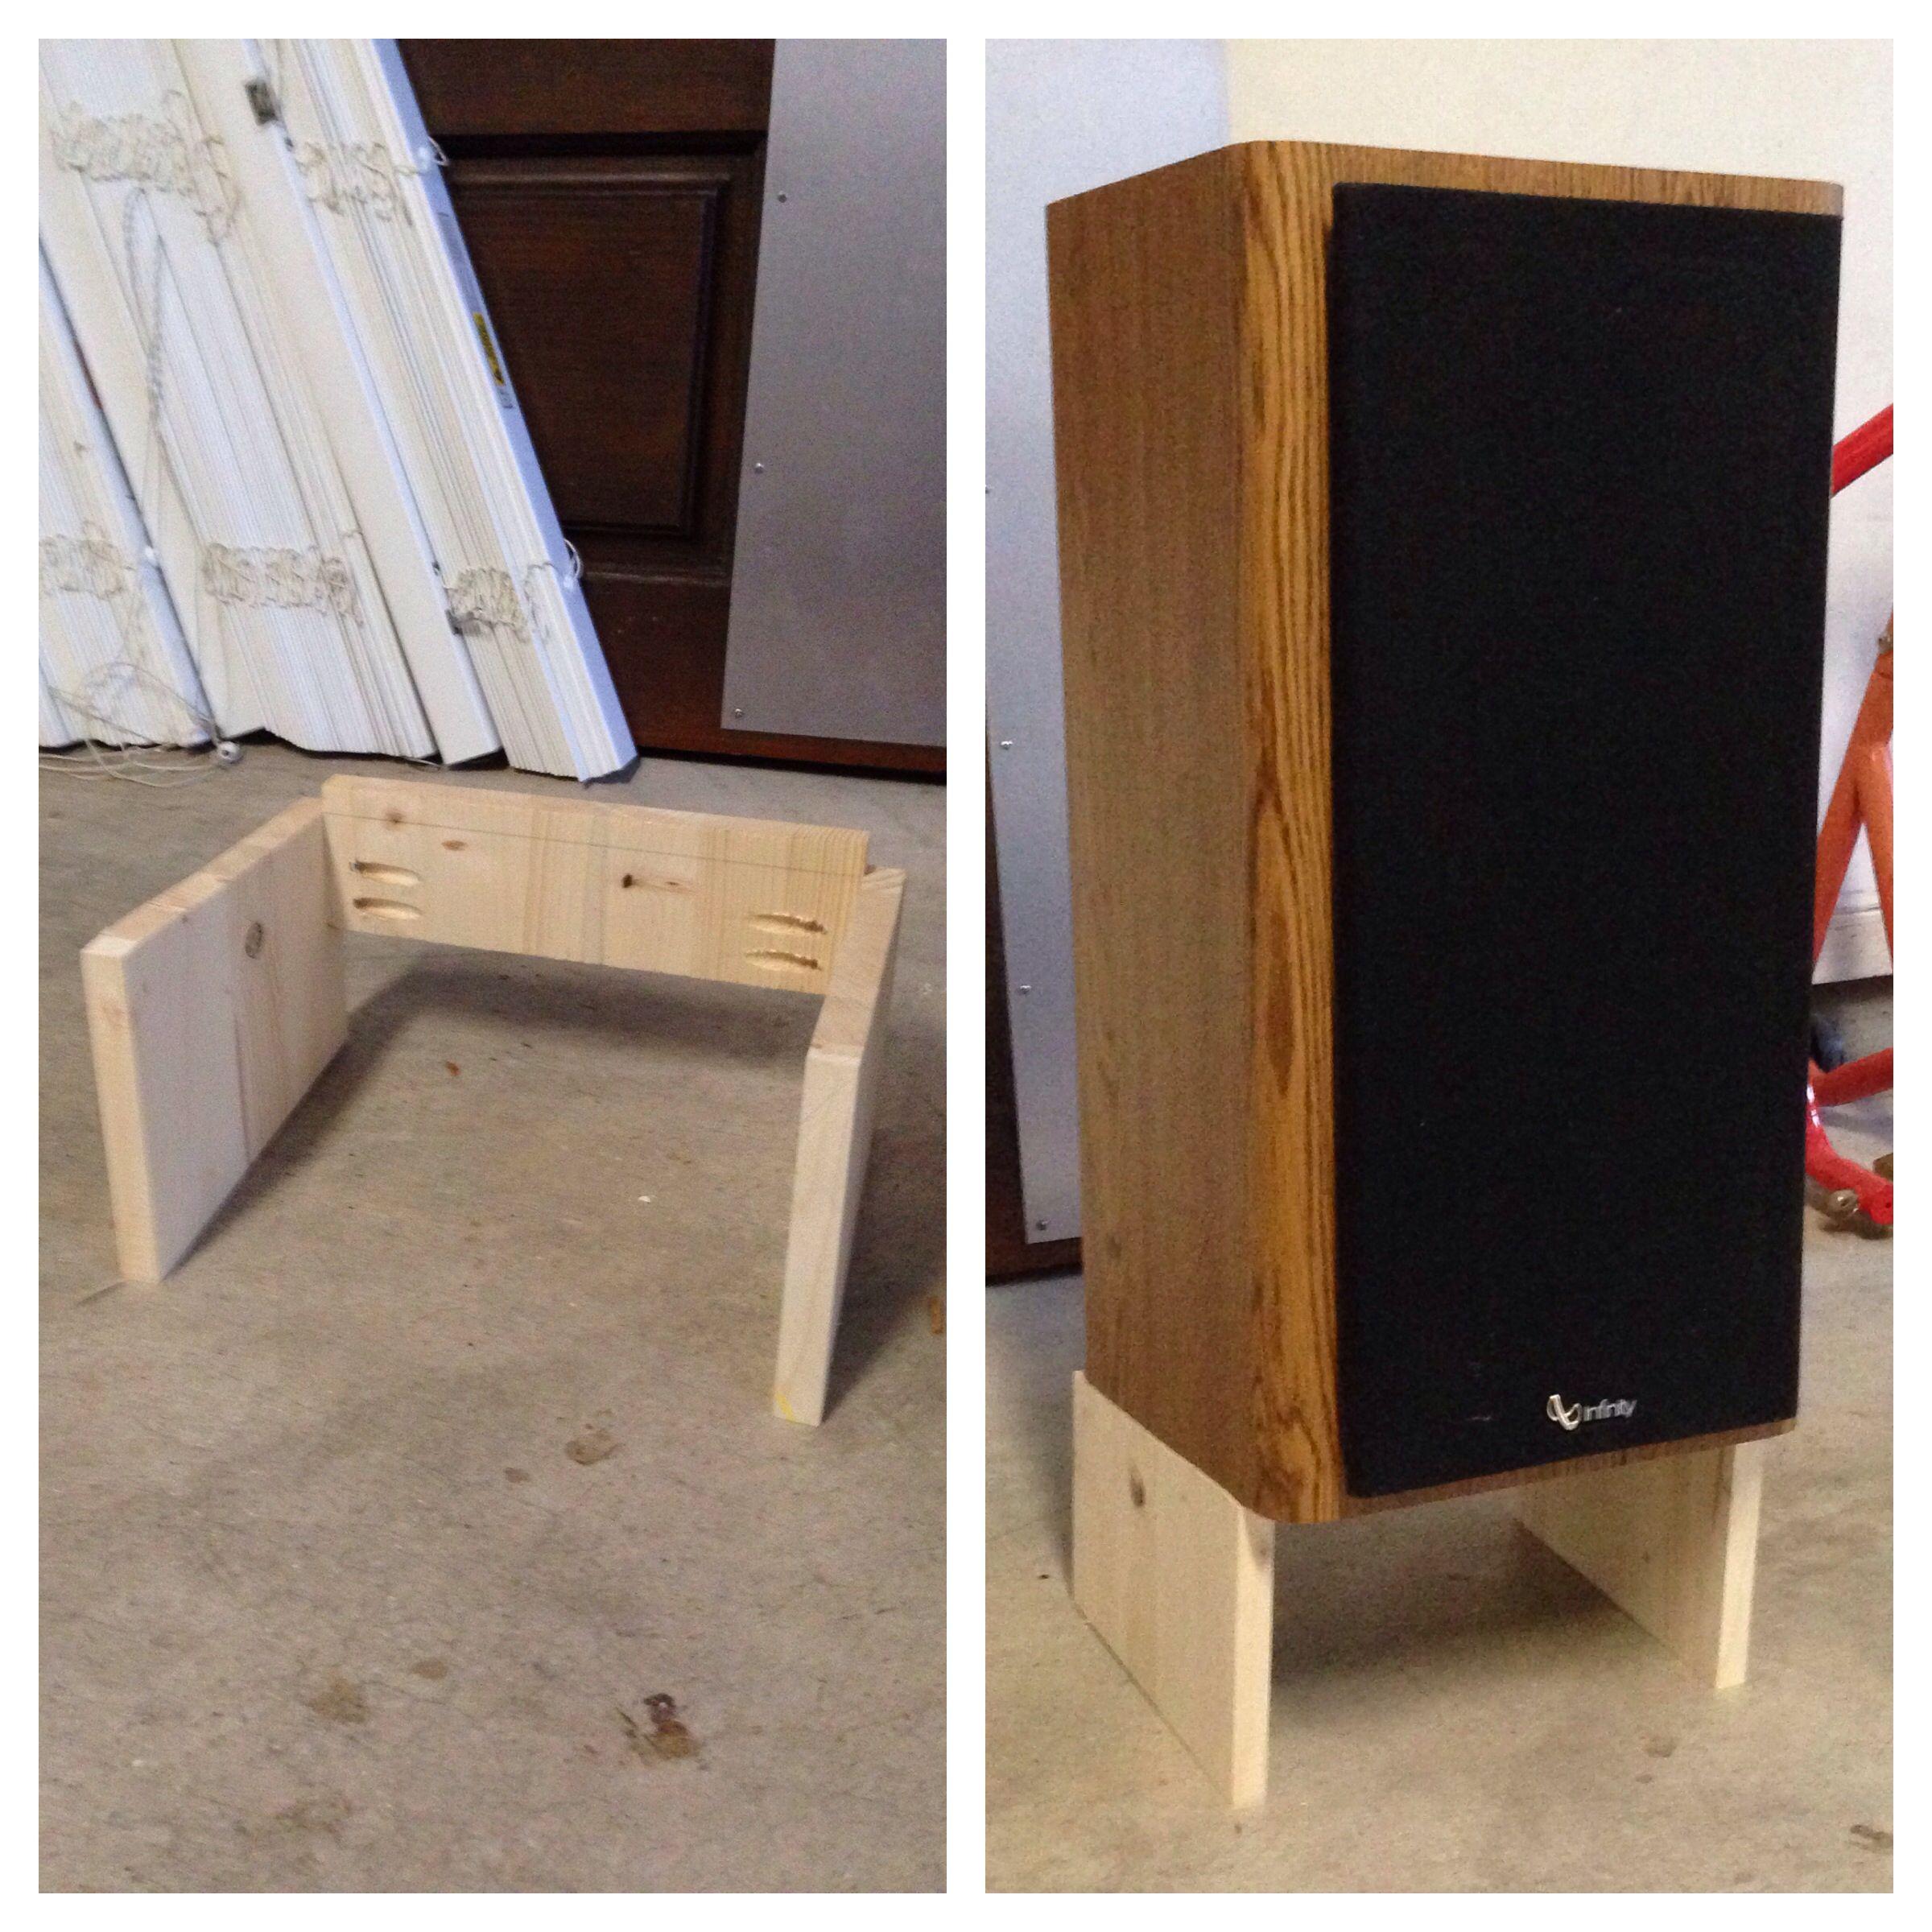 Diy Speaker Stand W 5 Degree Tilt Super Easy If You Have